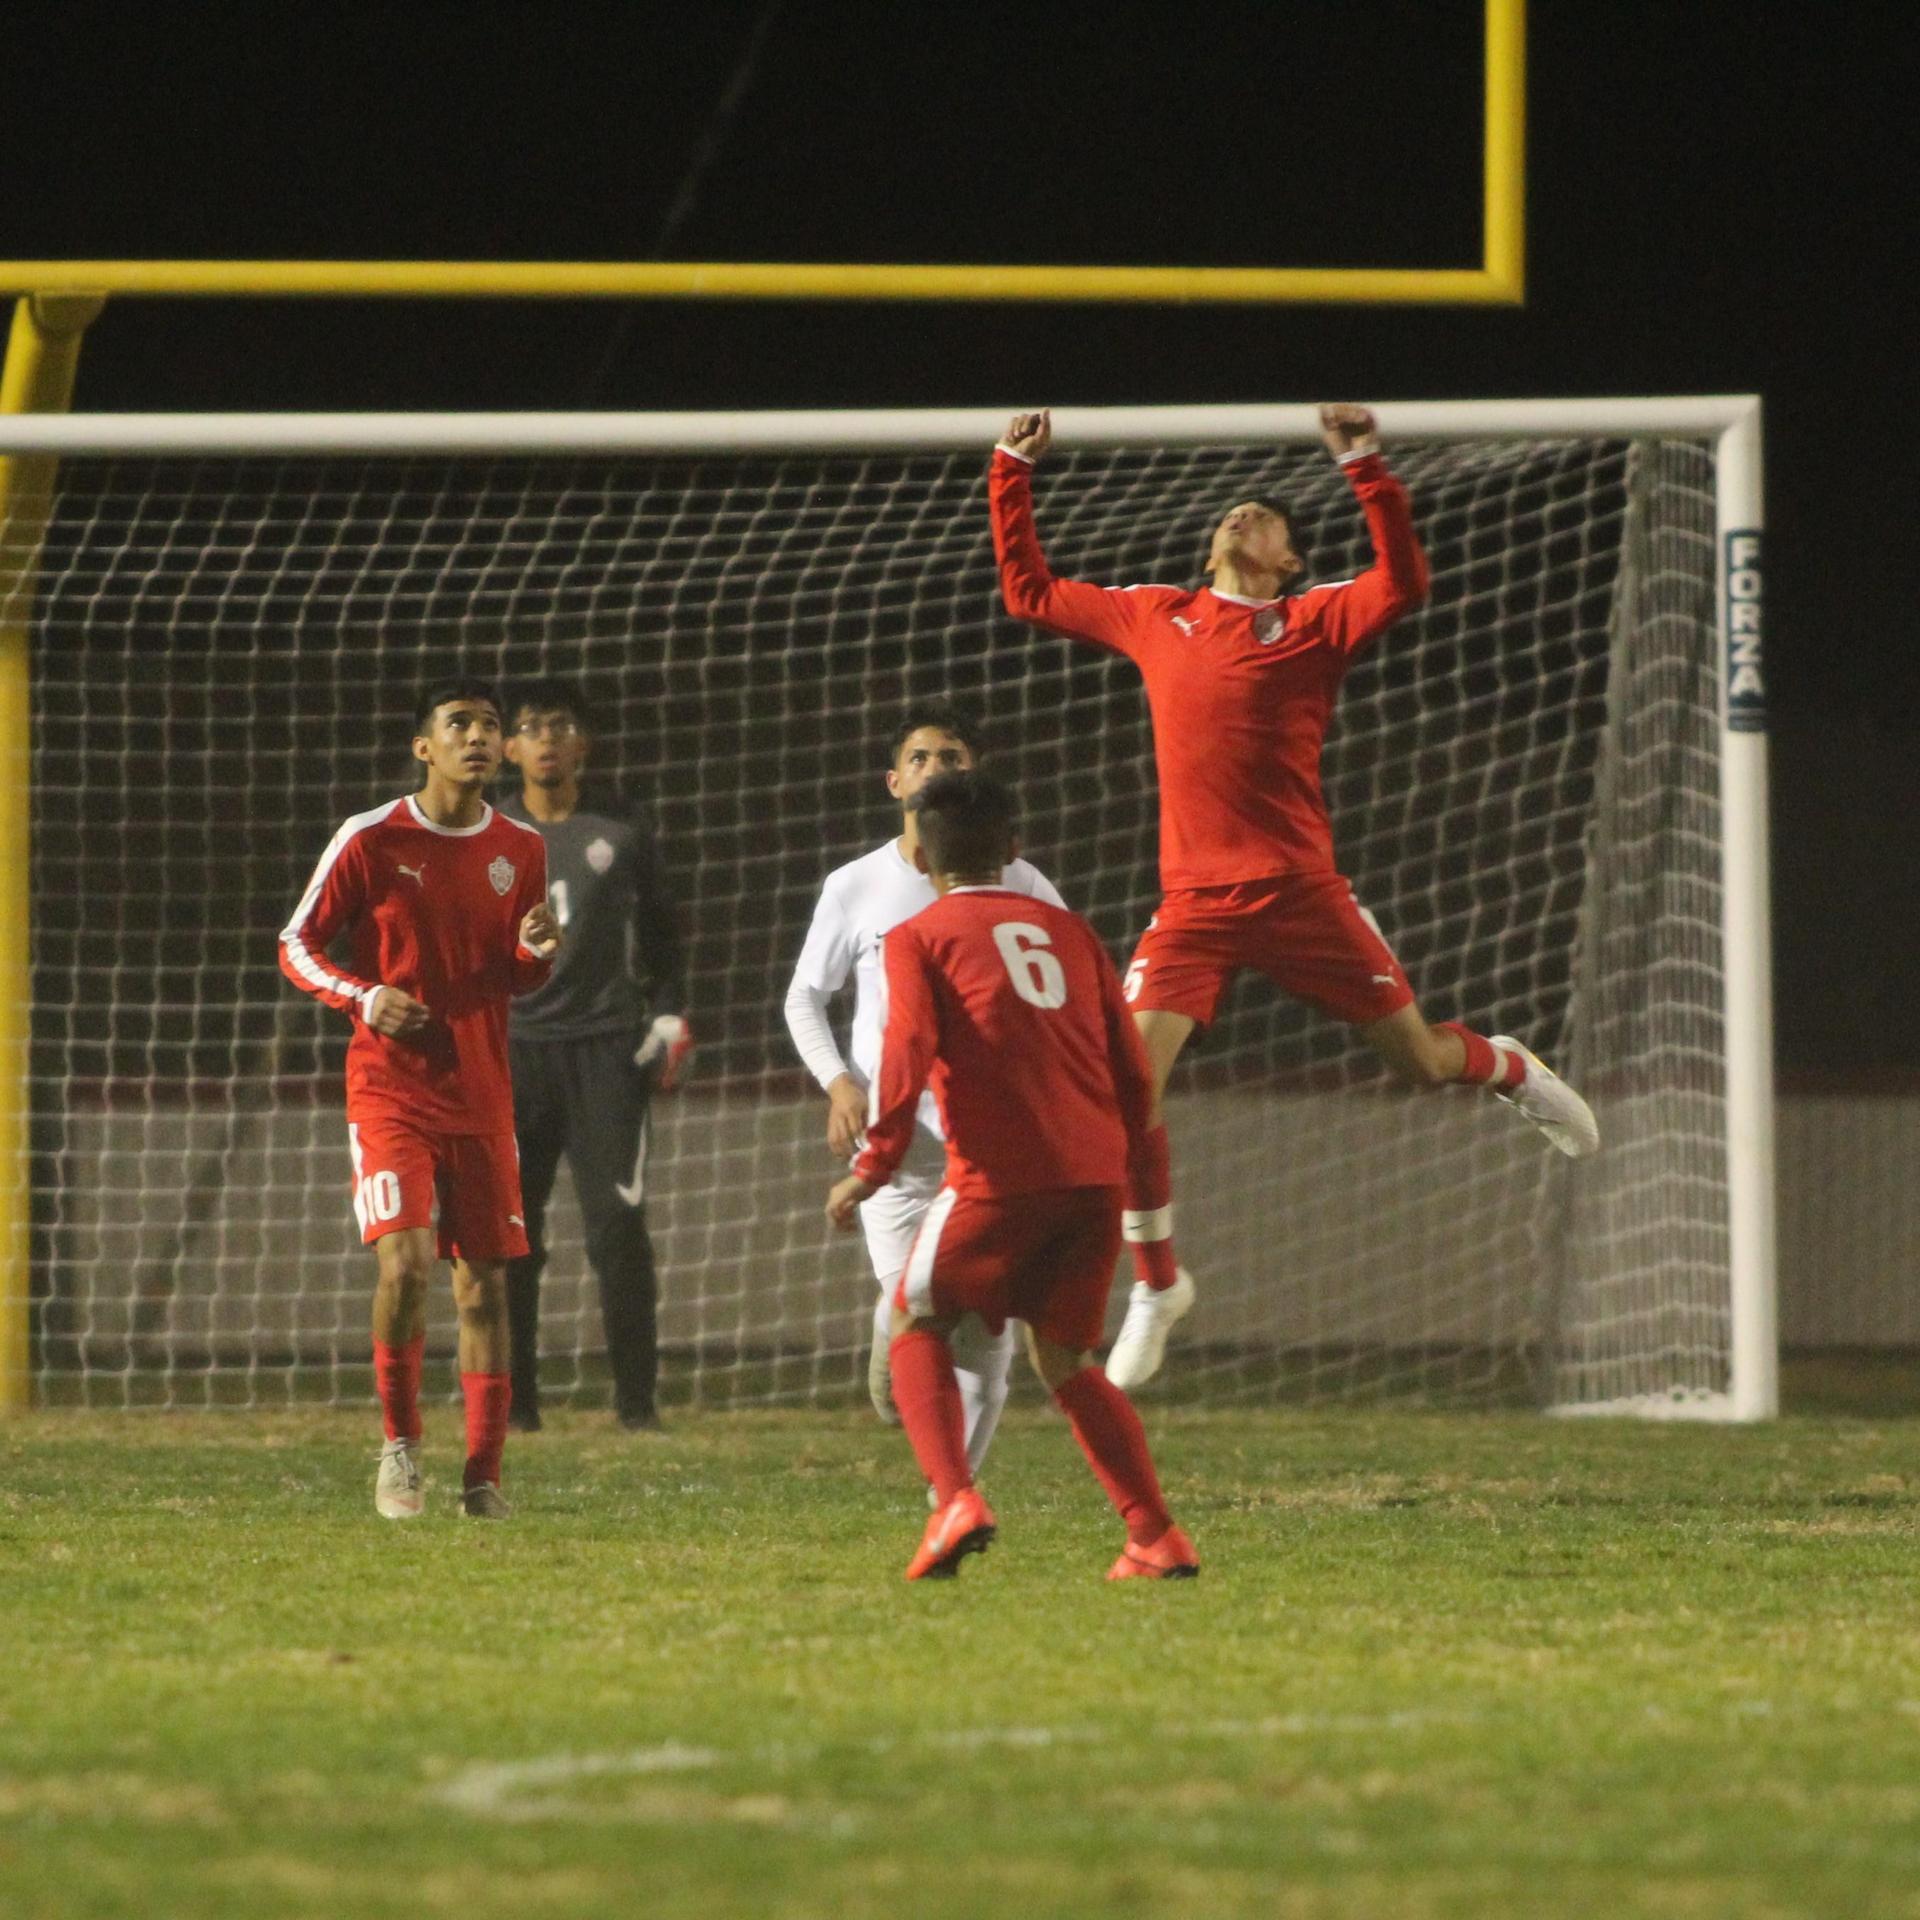 Edgar Campos scoring a goal